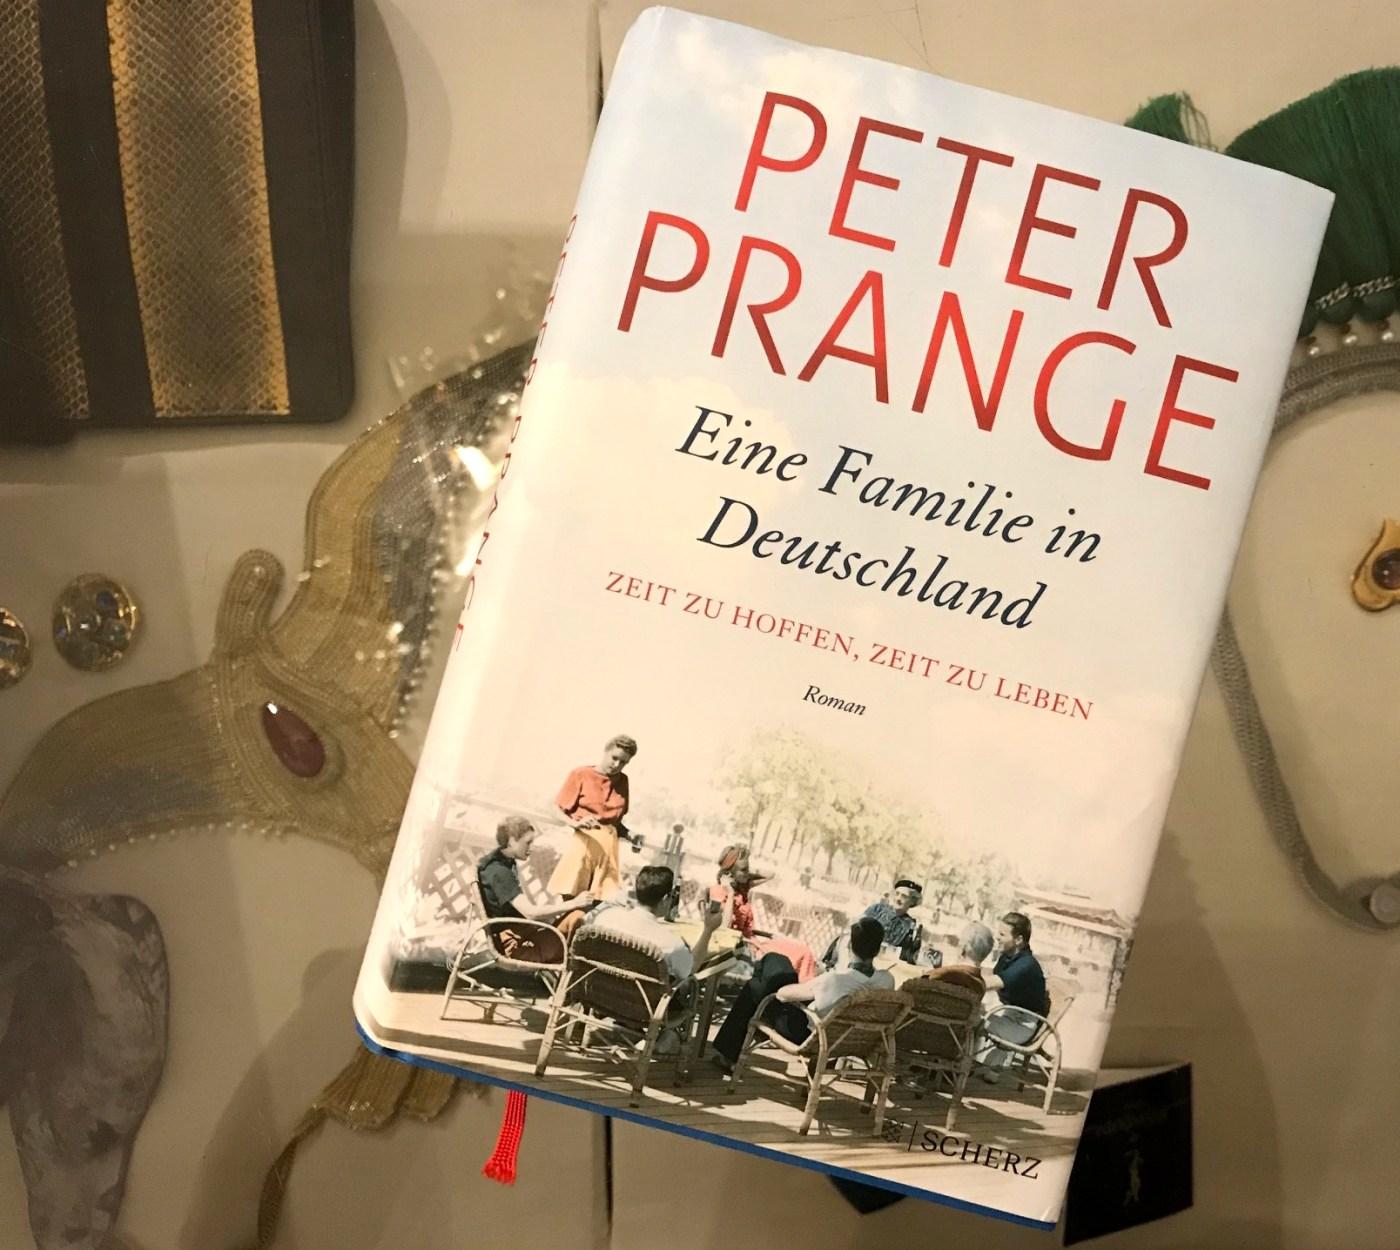 Peter Prange